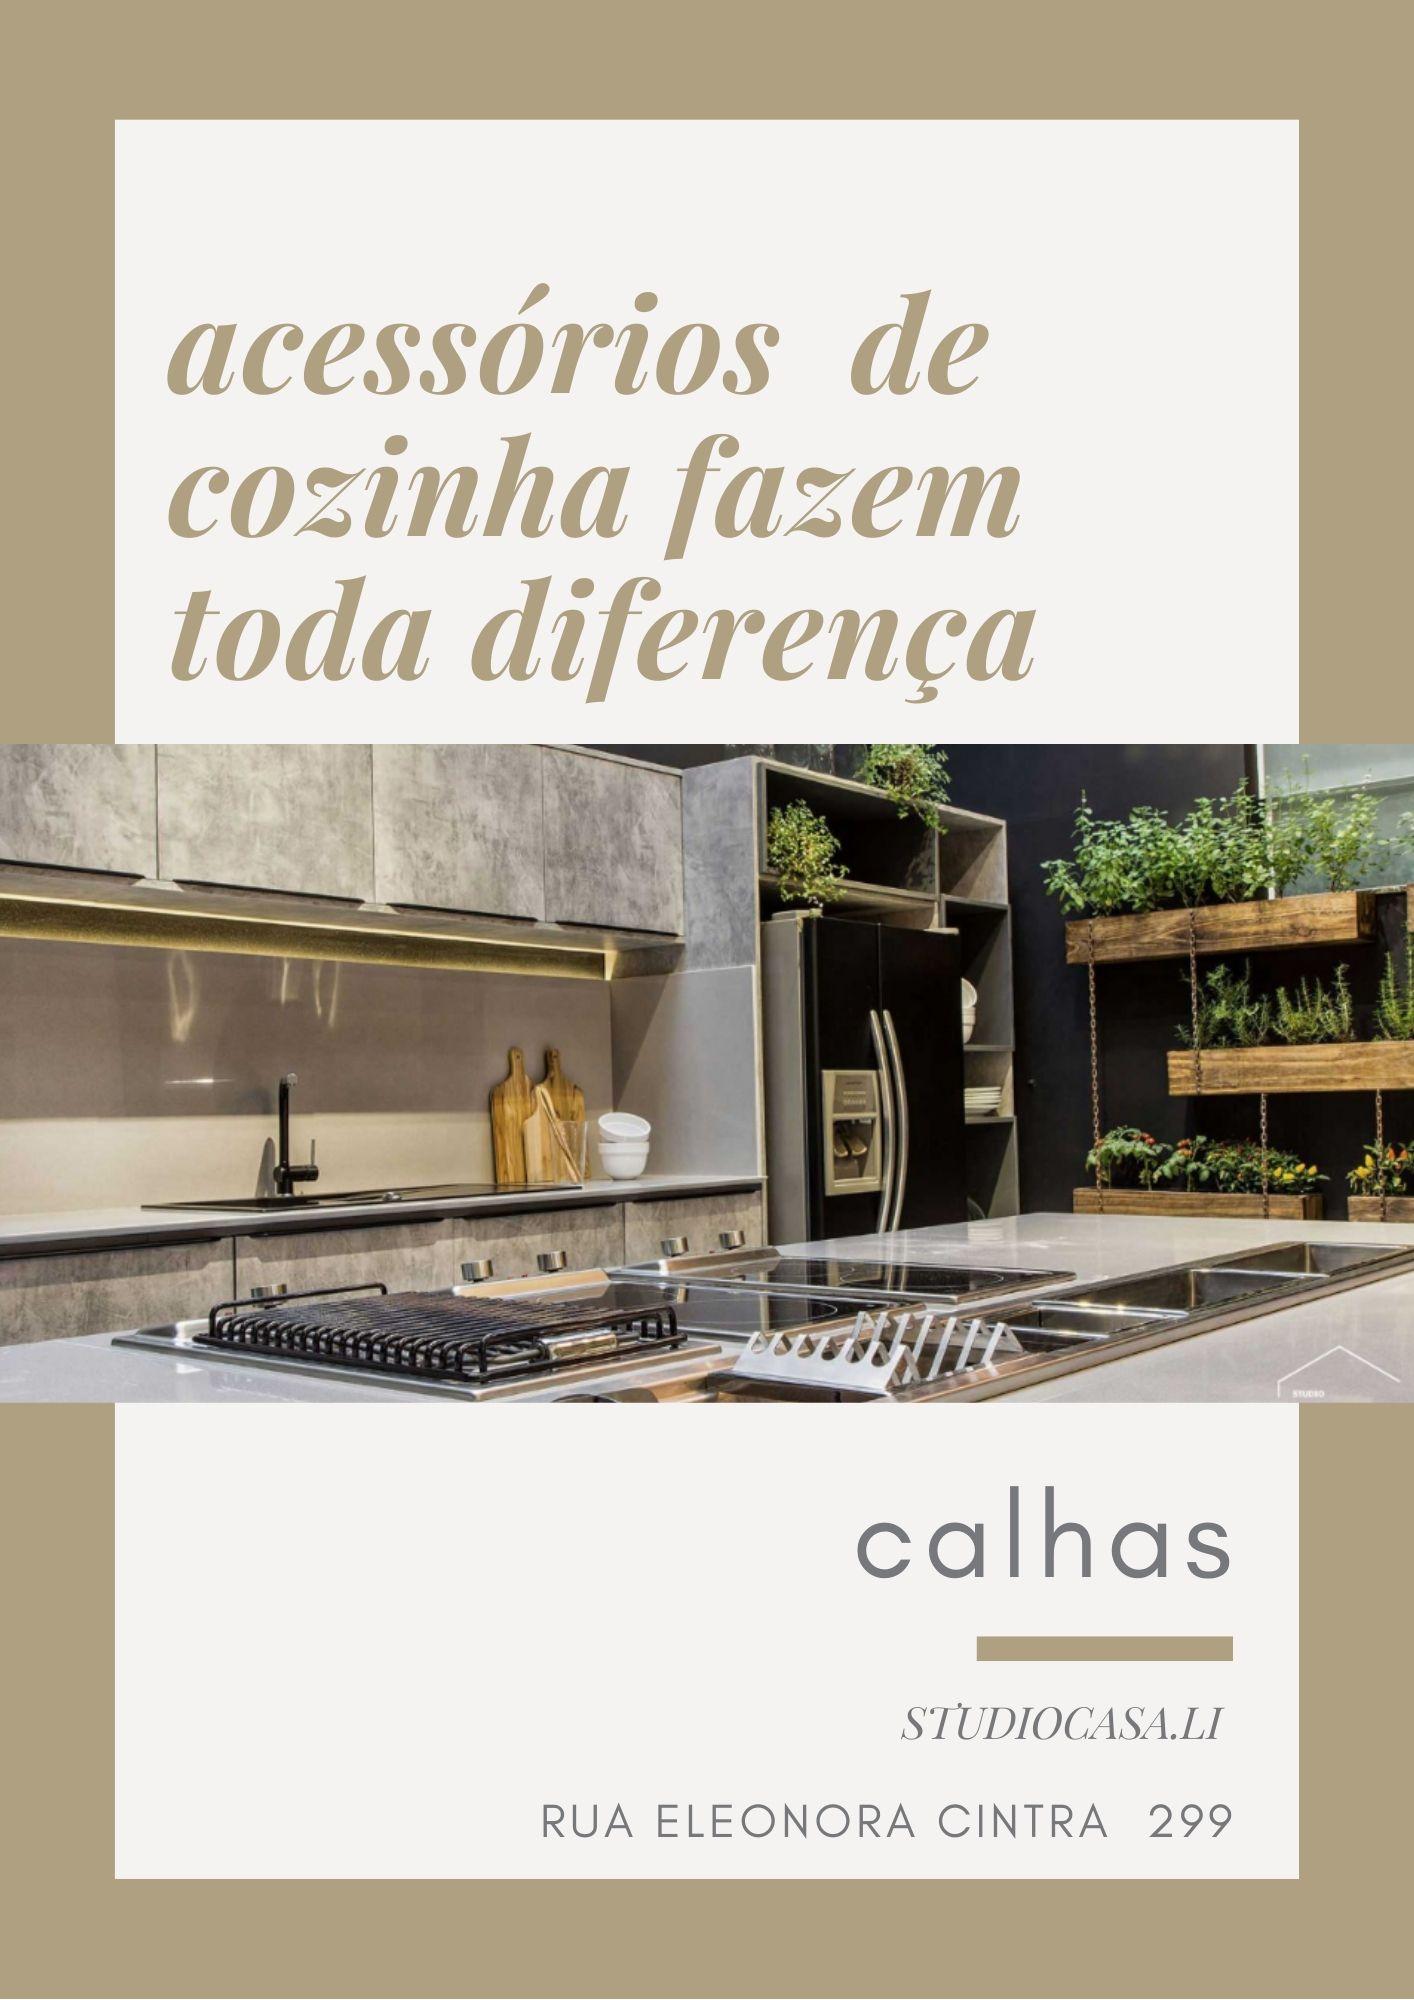 acessórios_de_cozinha_fazem_toda_diferen